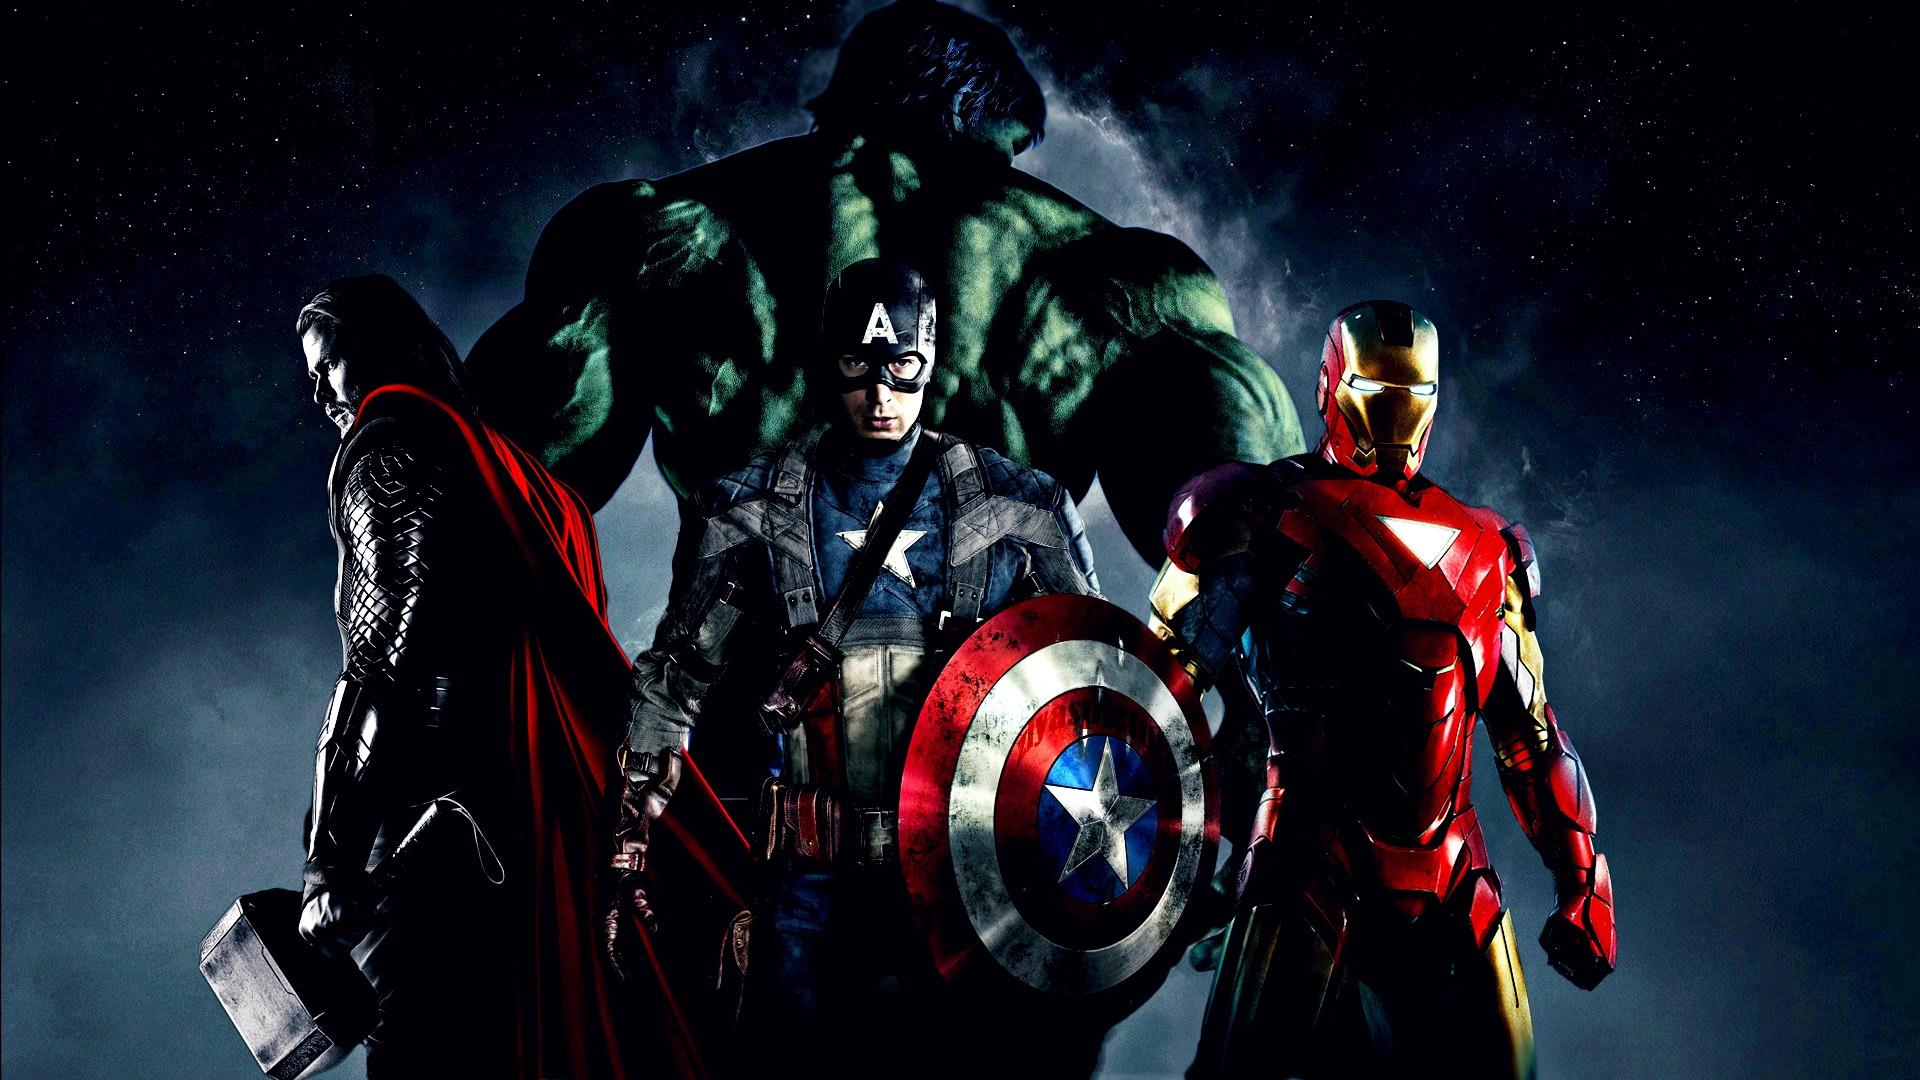 Dessins En Couleurs à Imprimer Spiderman Numéro 22321: Dessins En Couleurs à Imprimer : Hulk, Numéro : 291479